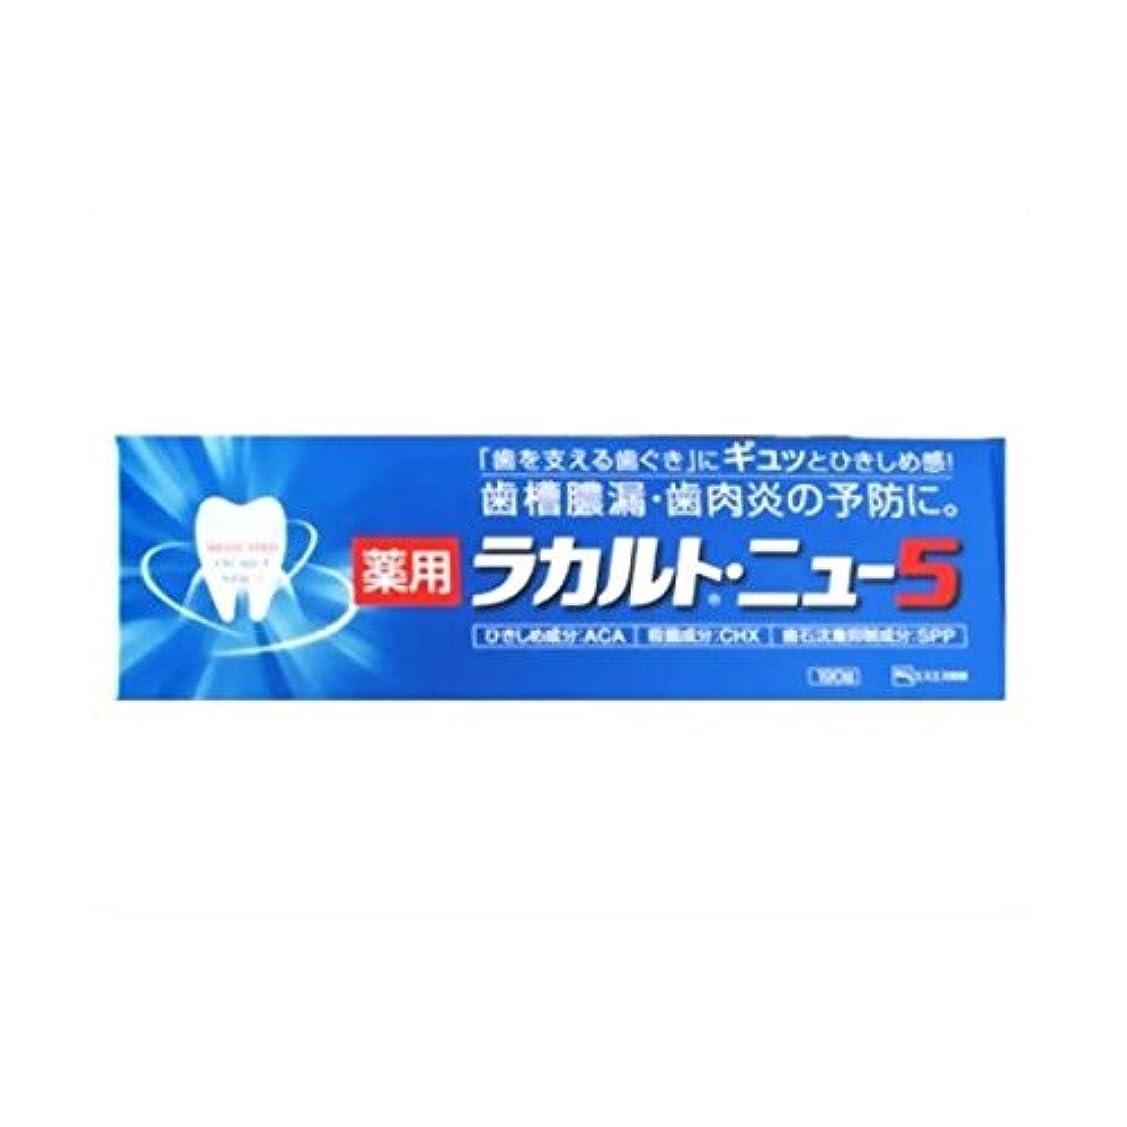 神話適応的トマト【お徳用 3 セット】 薬用ラカルトニュー5 190g×3セット